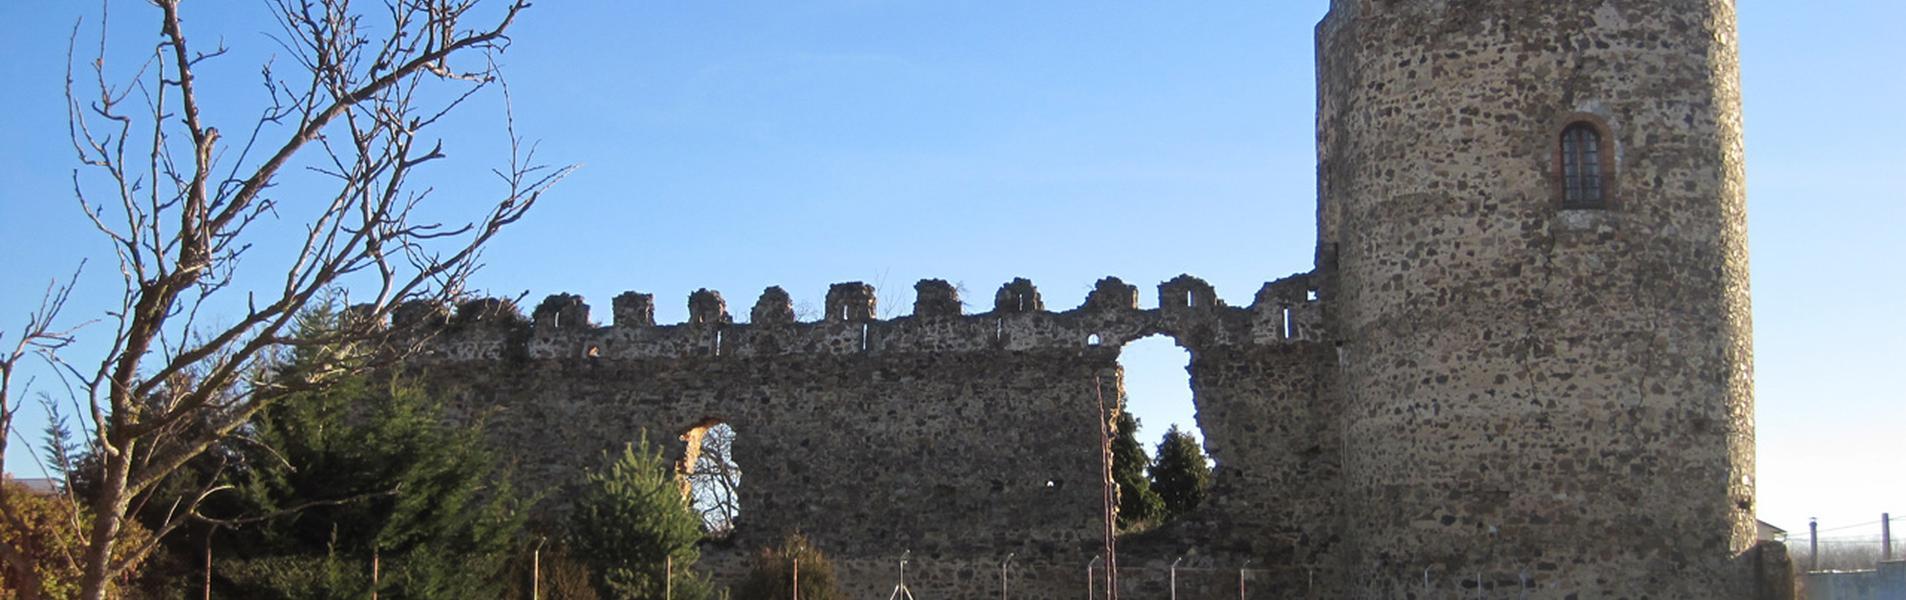 Palacios de la Valduerna